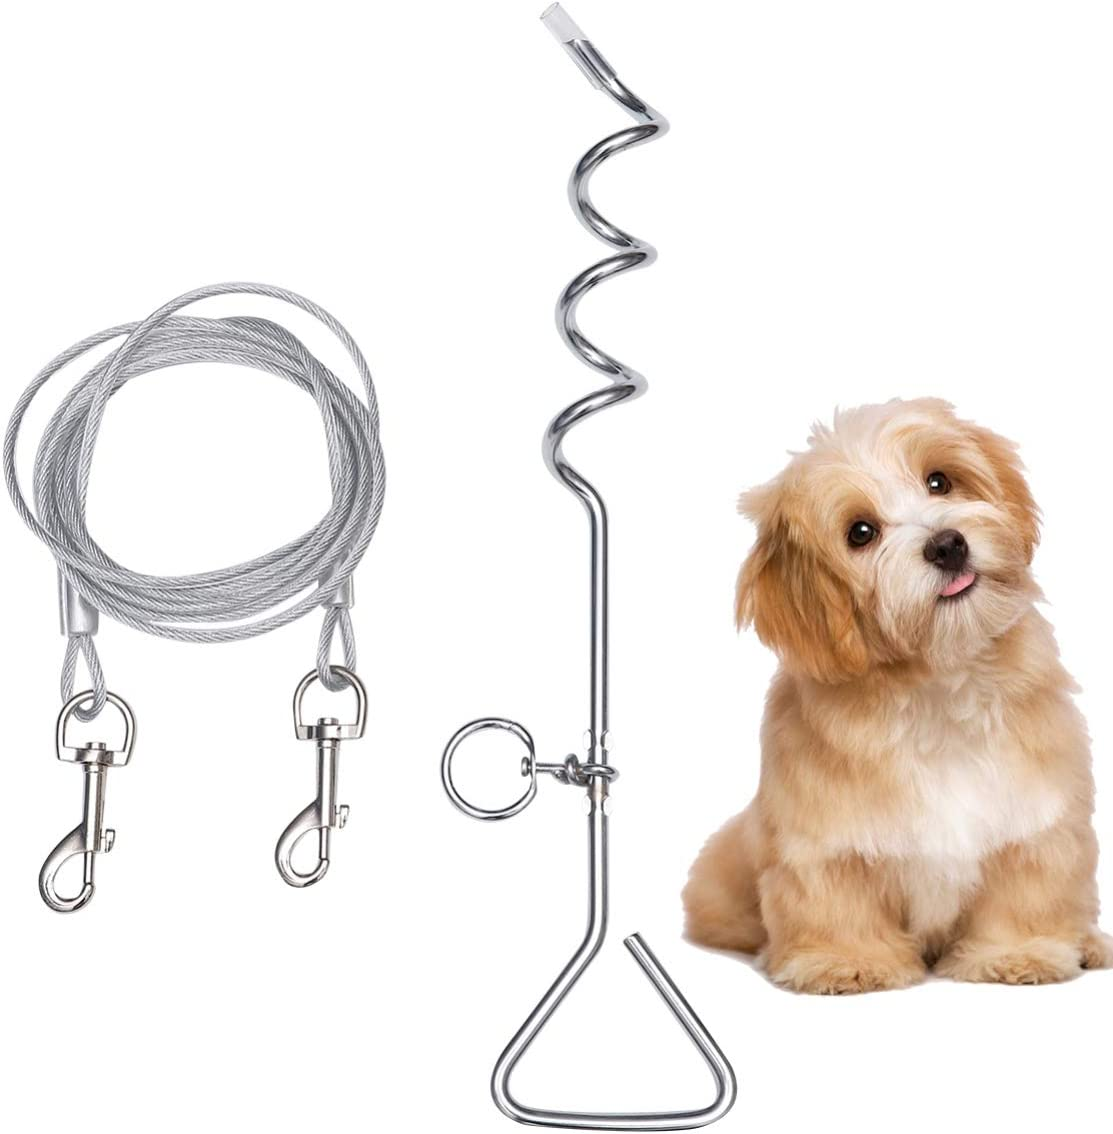 cadena de amarre para perros en camping